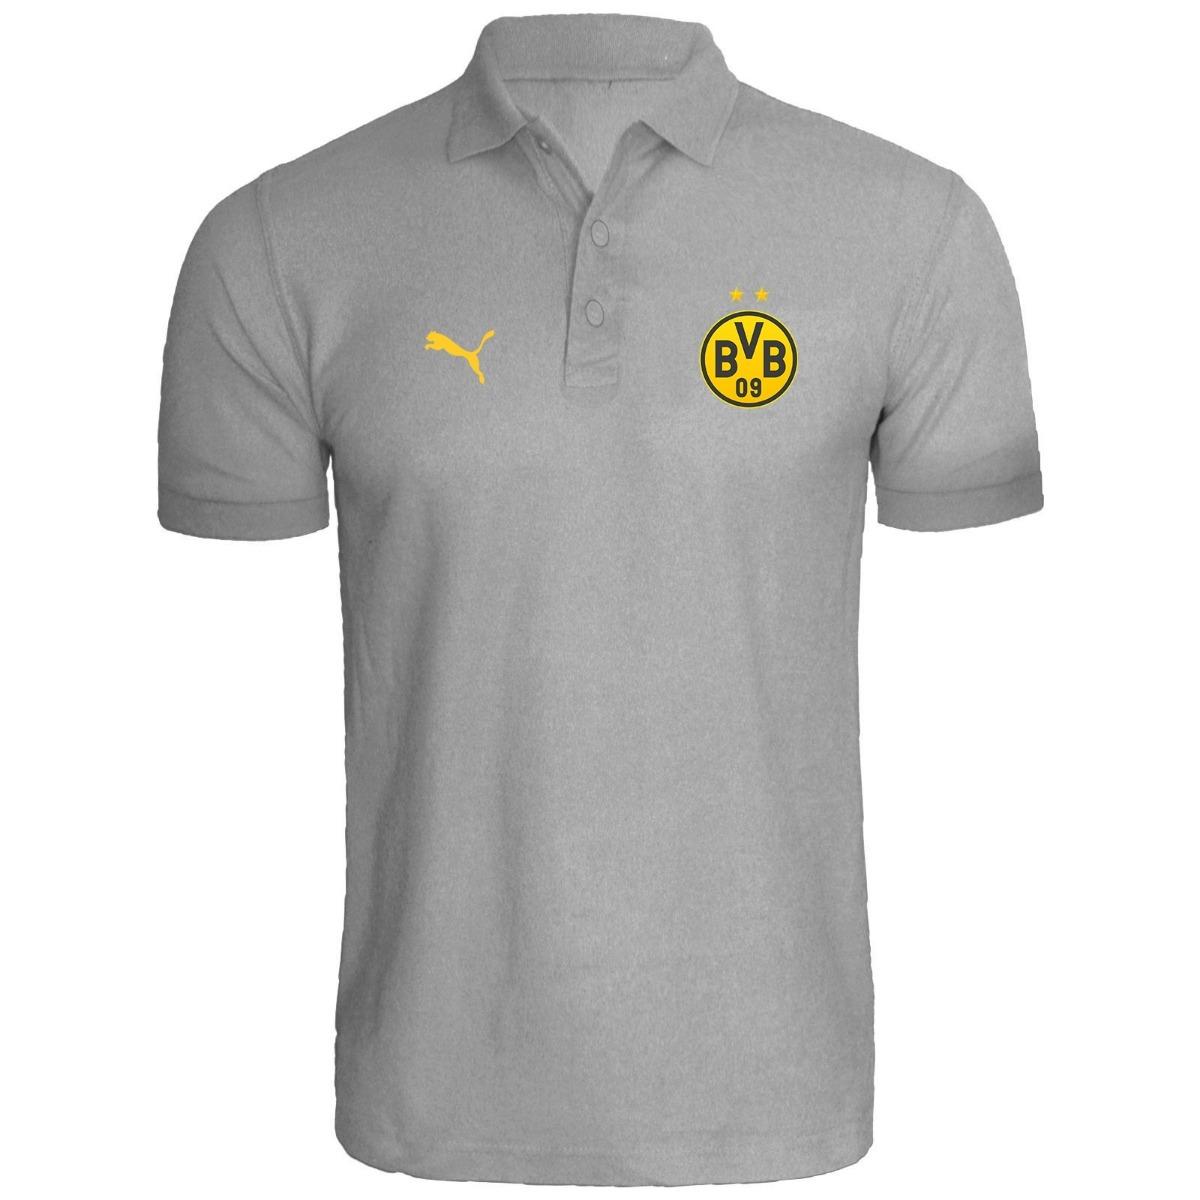 a7003ae7be729 Camisa Polo Borussia Dortmund Bvb Personalizado - R  59